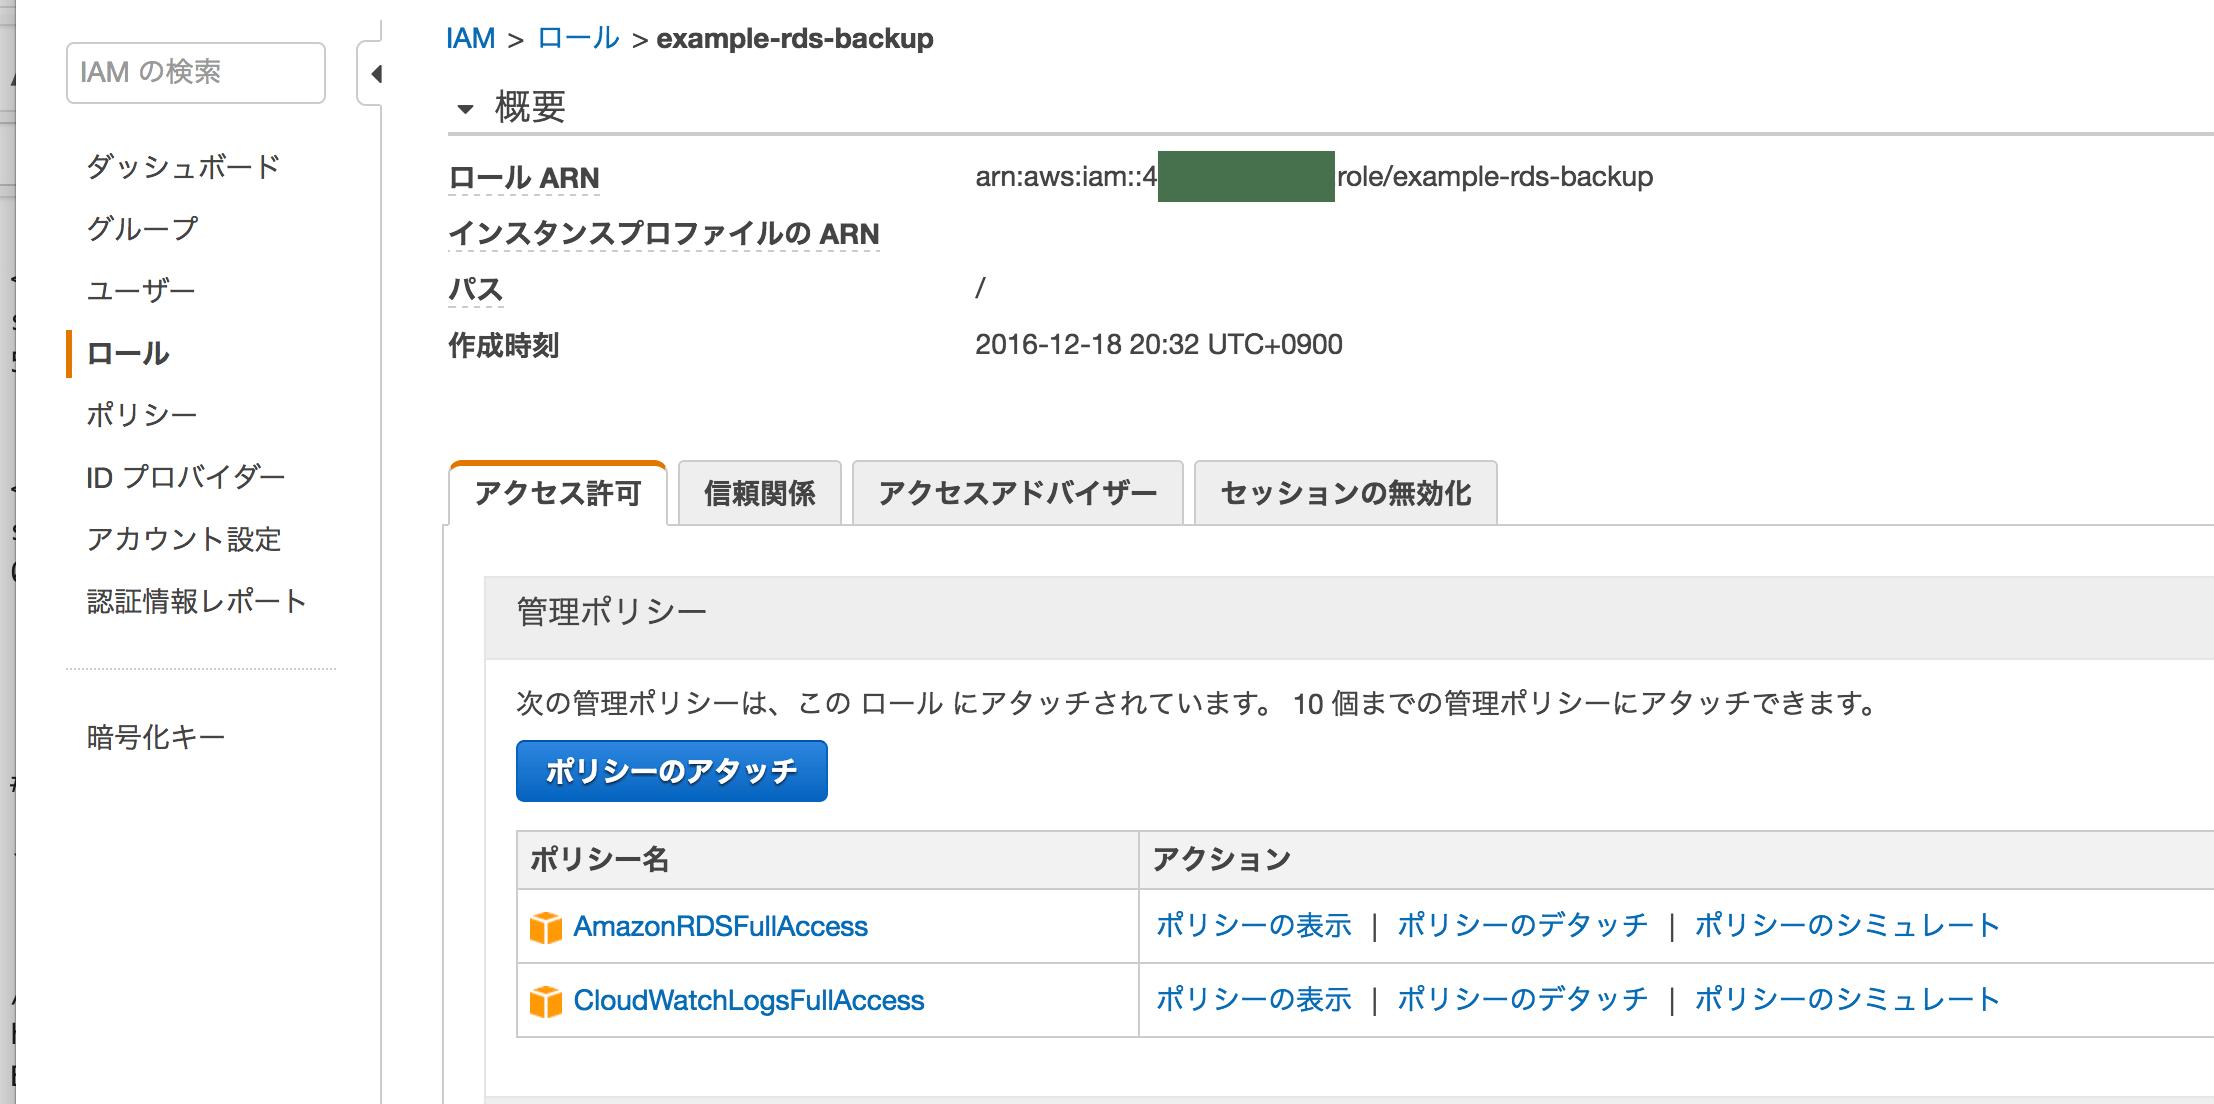 スクリーンショット 2016-12-18 20.32.53.png